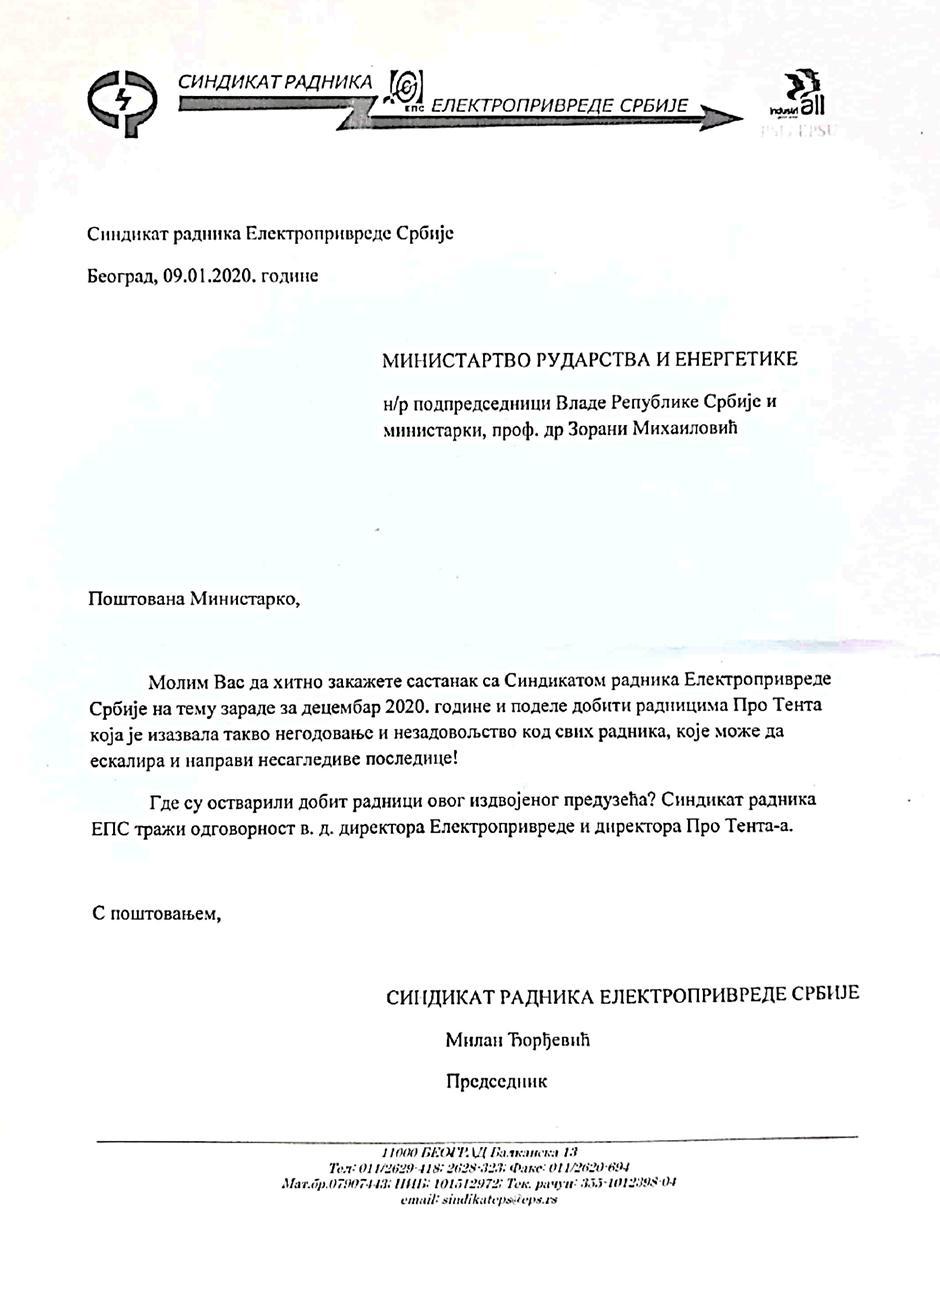 Dopis Sindikata radnika EPS FOTO: Privatna arhiva